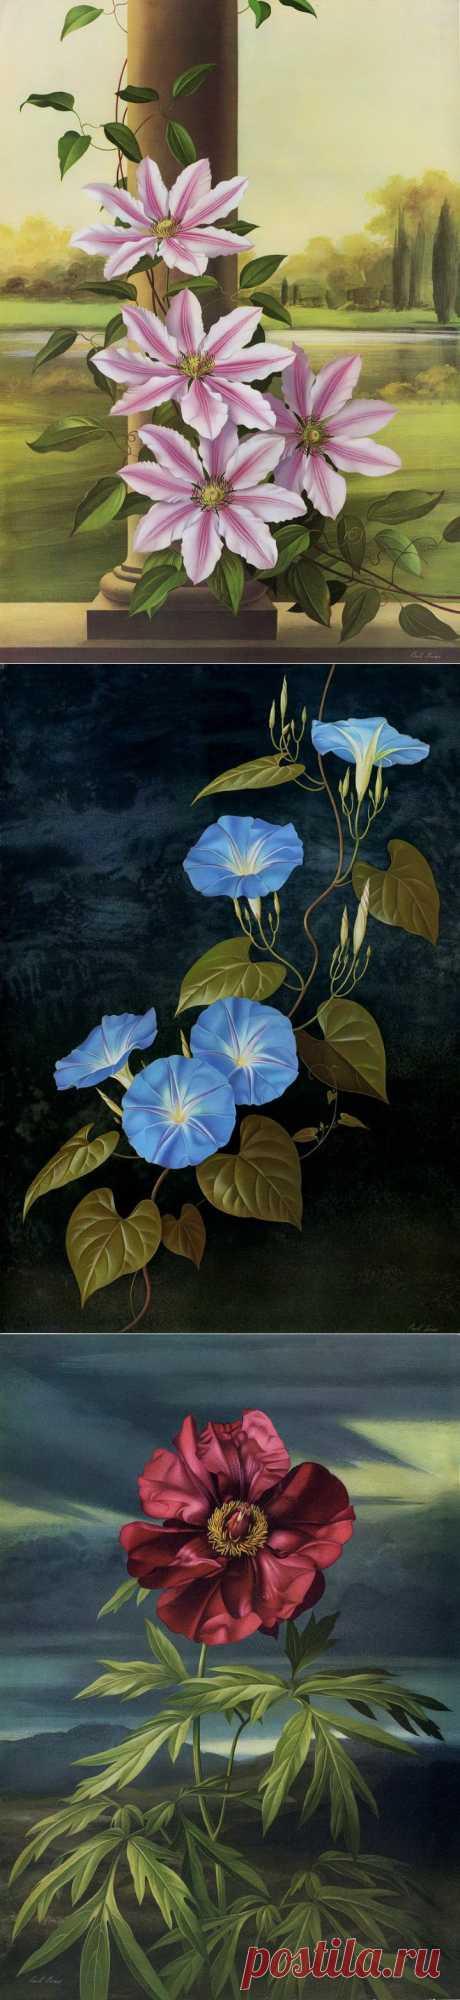 Paul Jones. Water color drawings of flowers